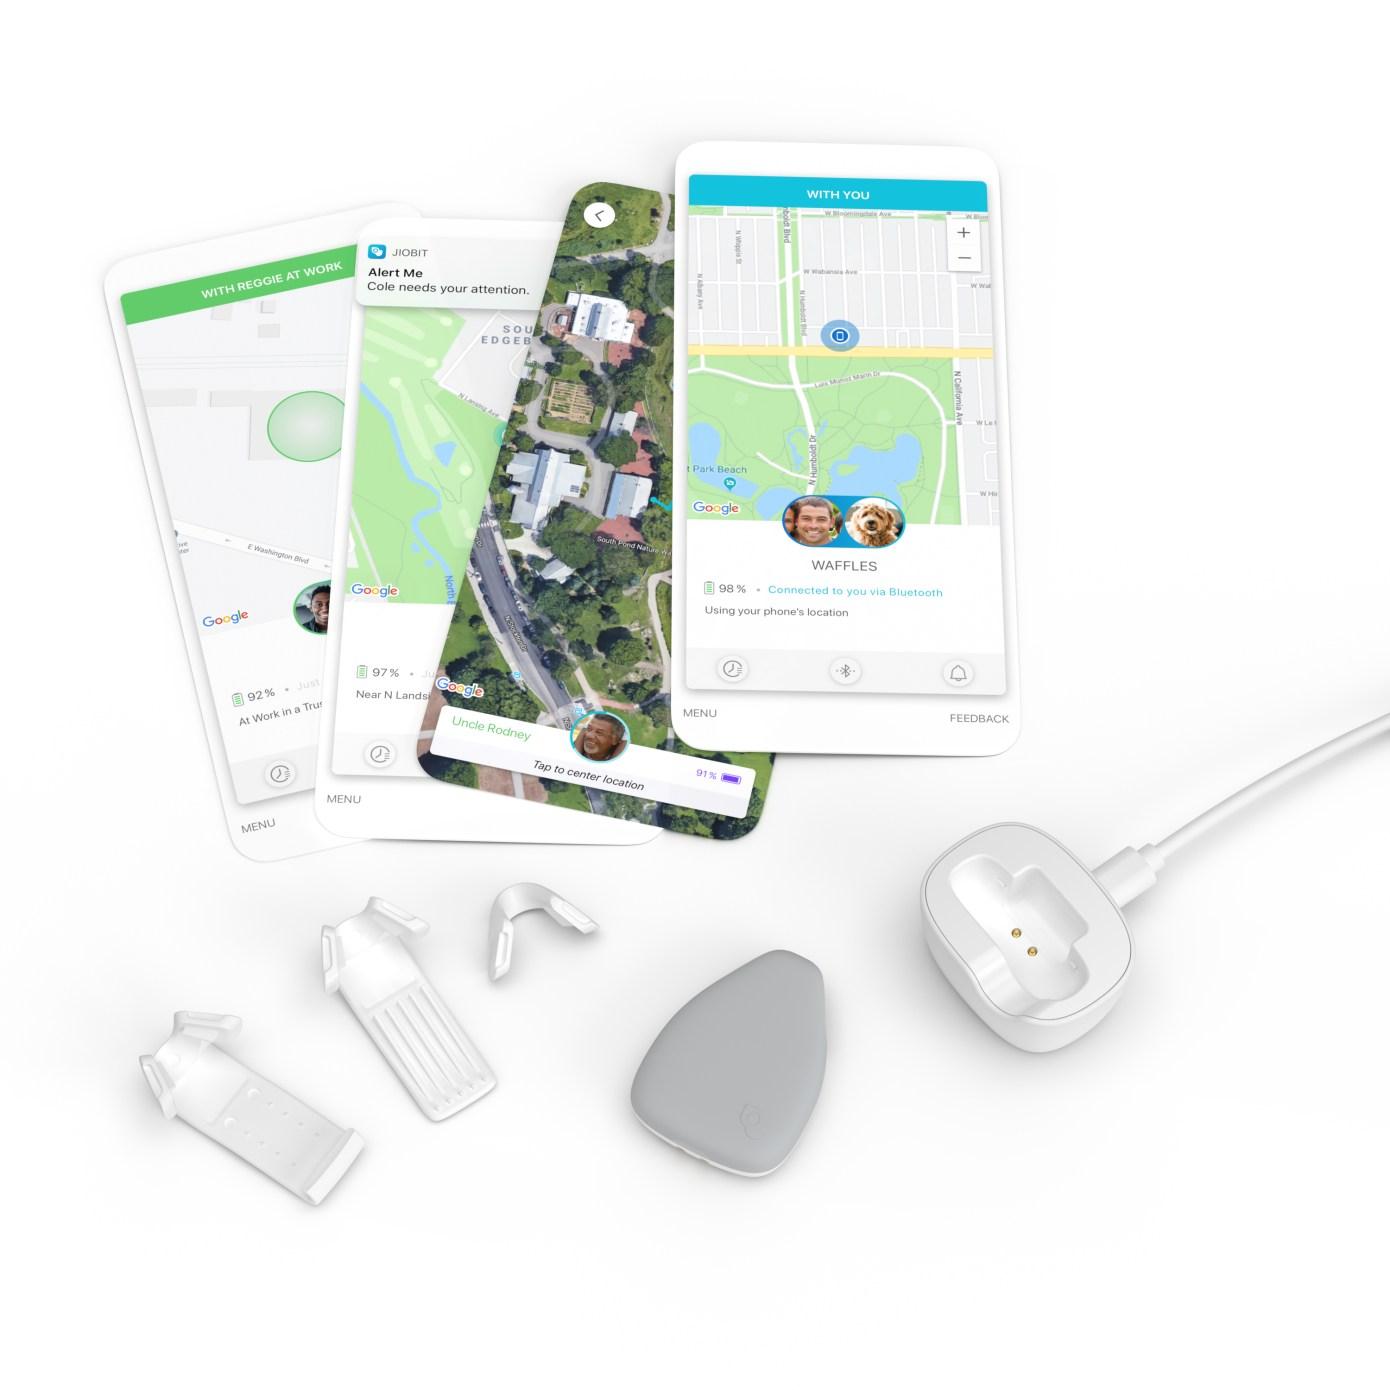 L'application de suivi familial Life360 acquiert le dispositif de localisation portable Jiobit pour 37 M$.